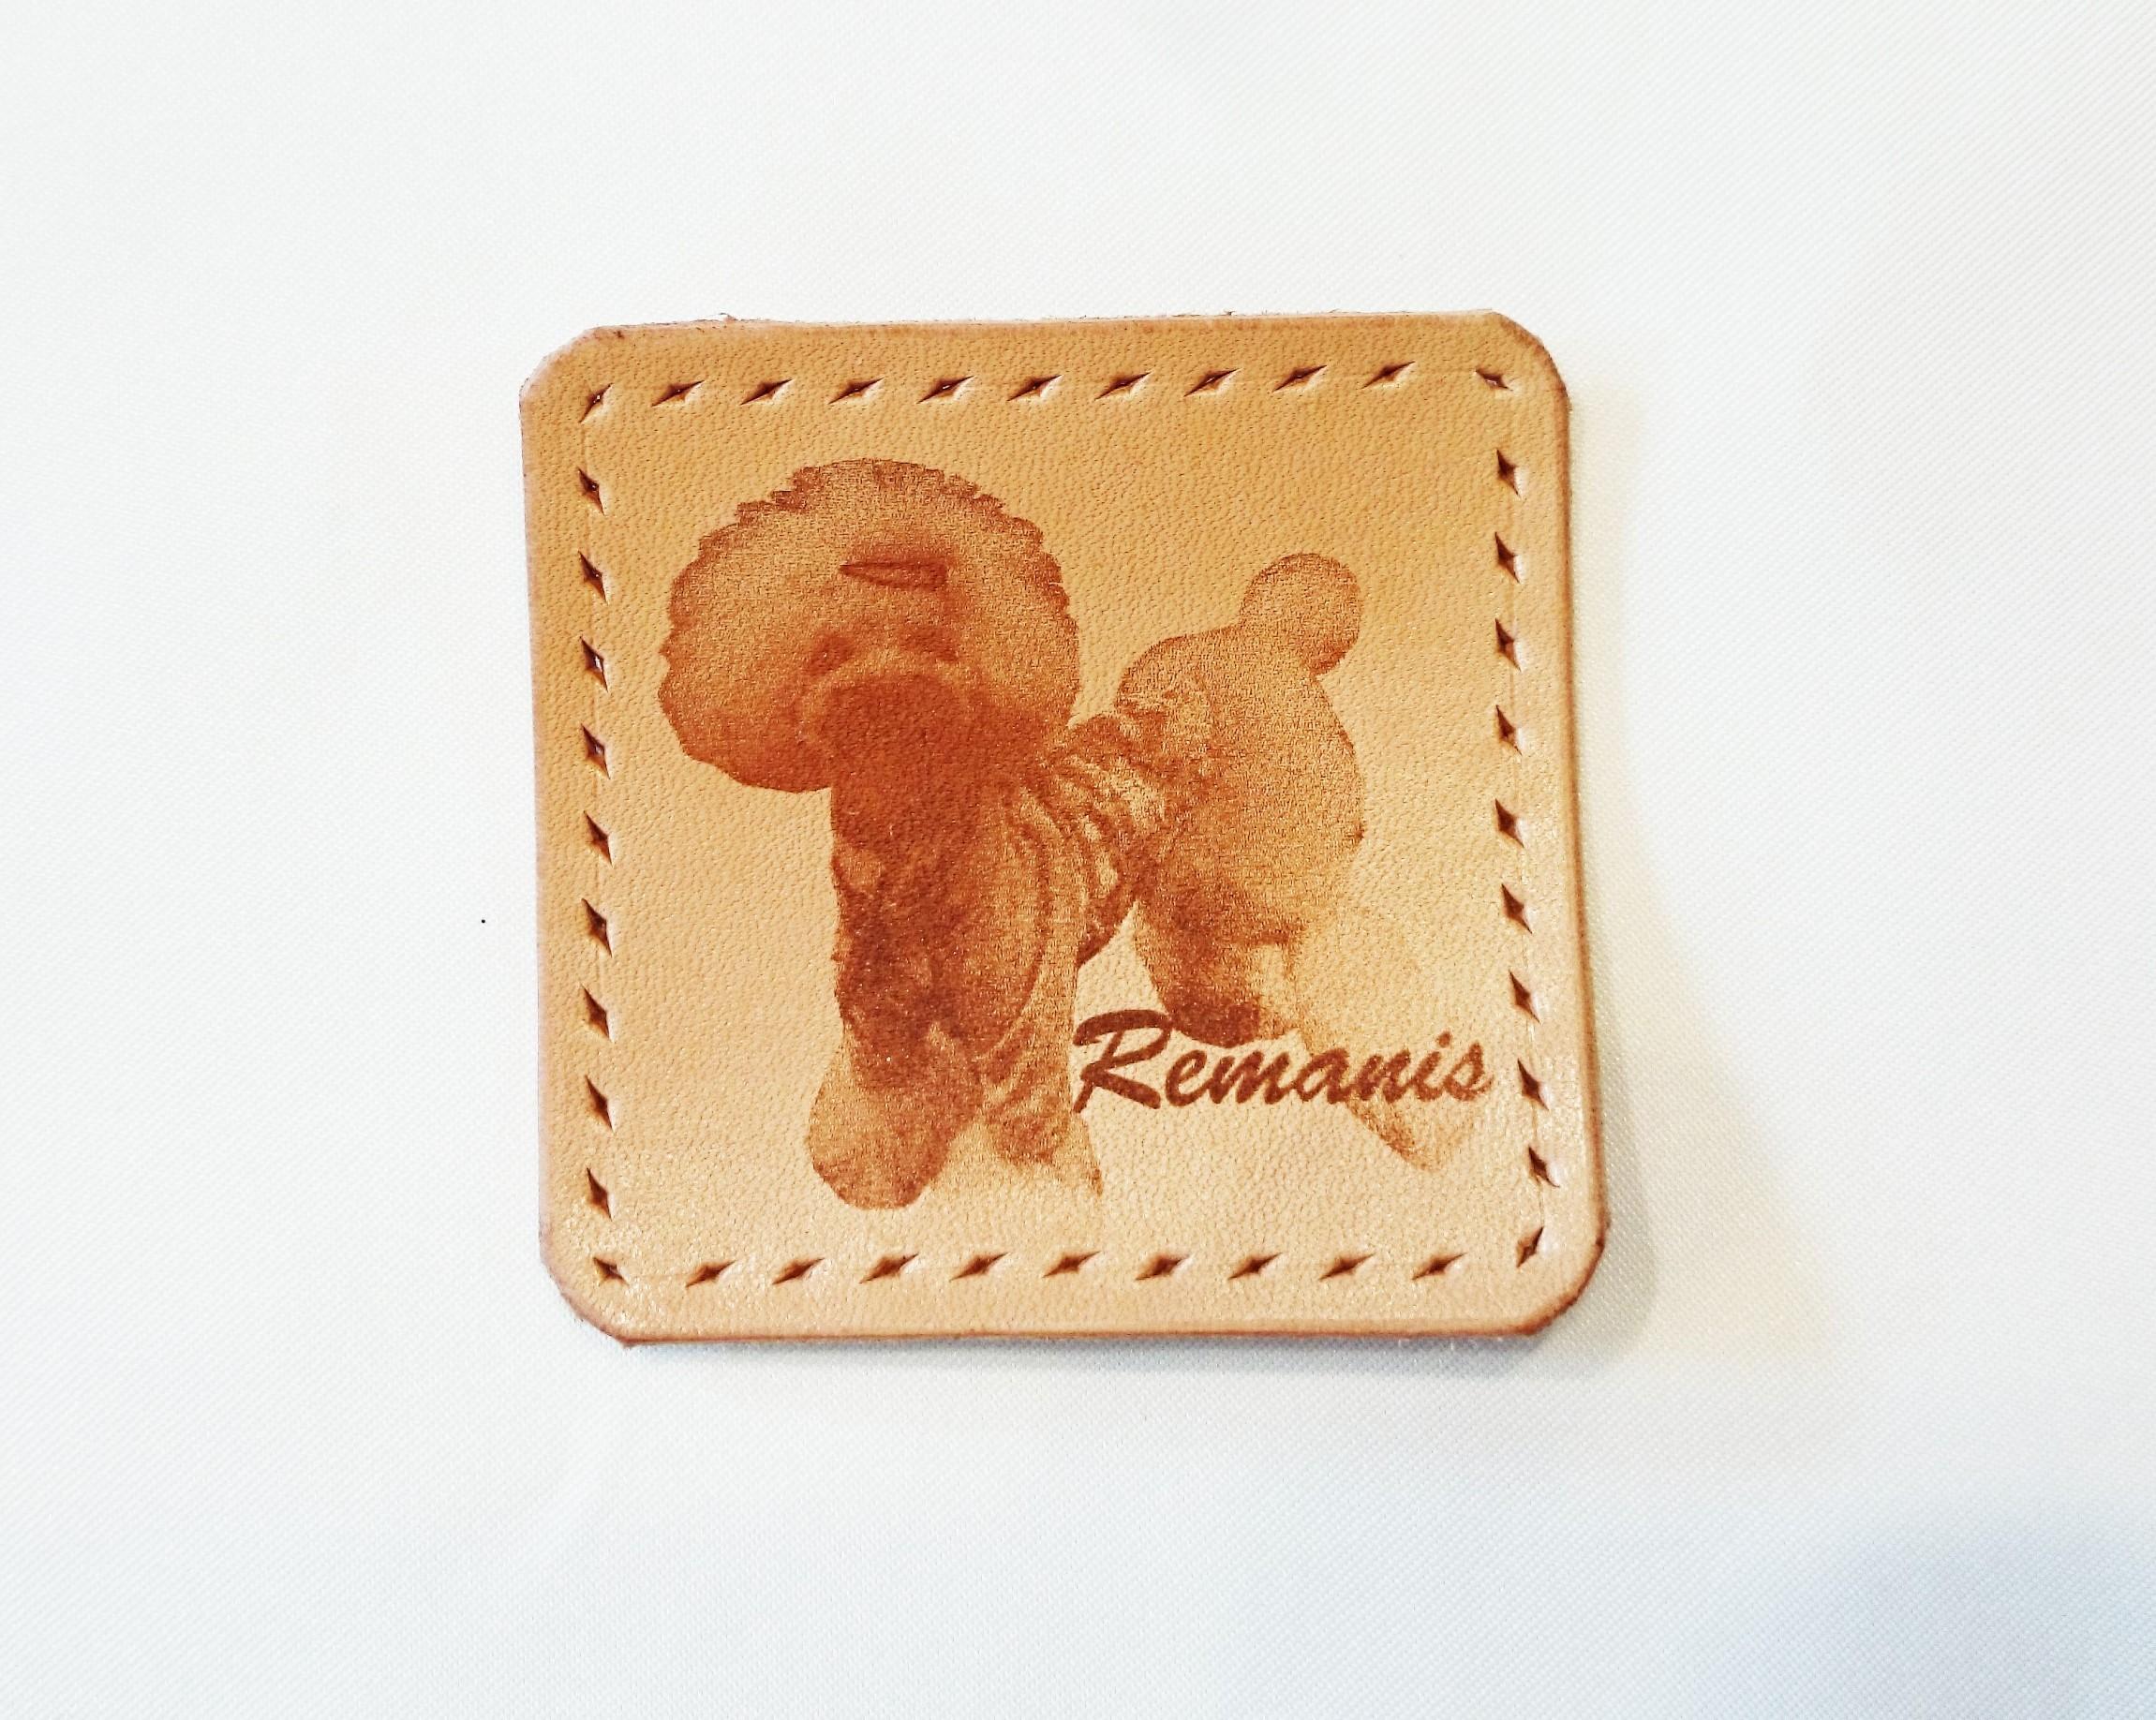 Remanis-れまにす- オーダーメイドレザータグ